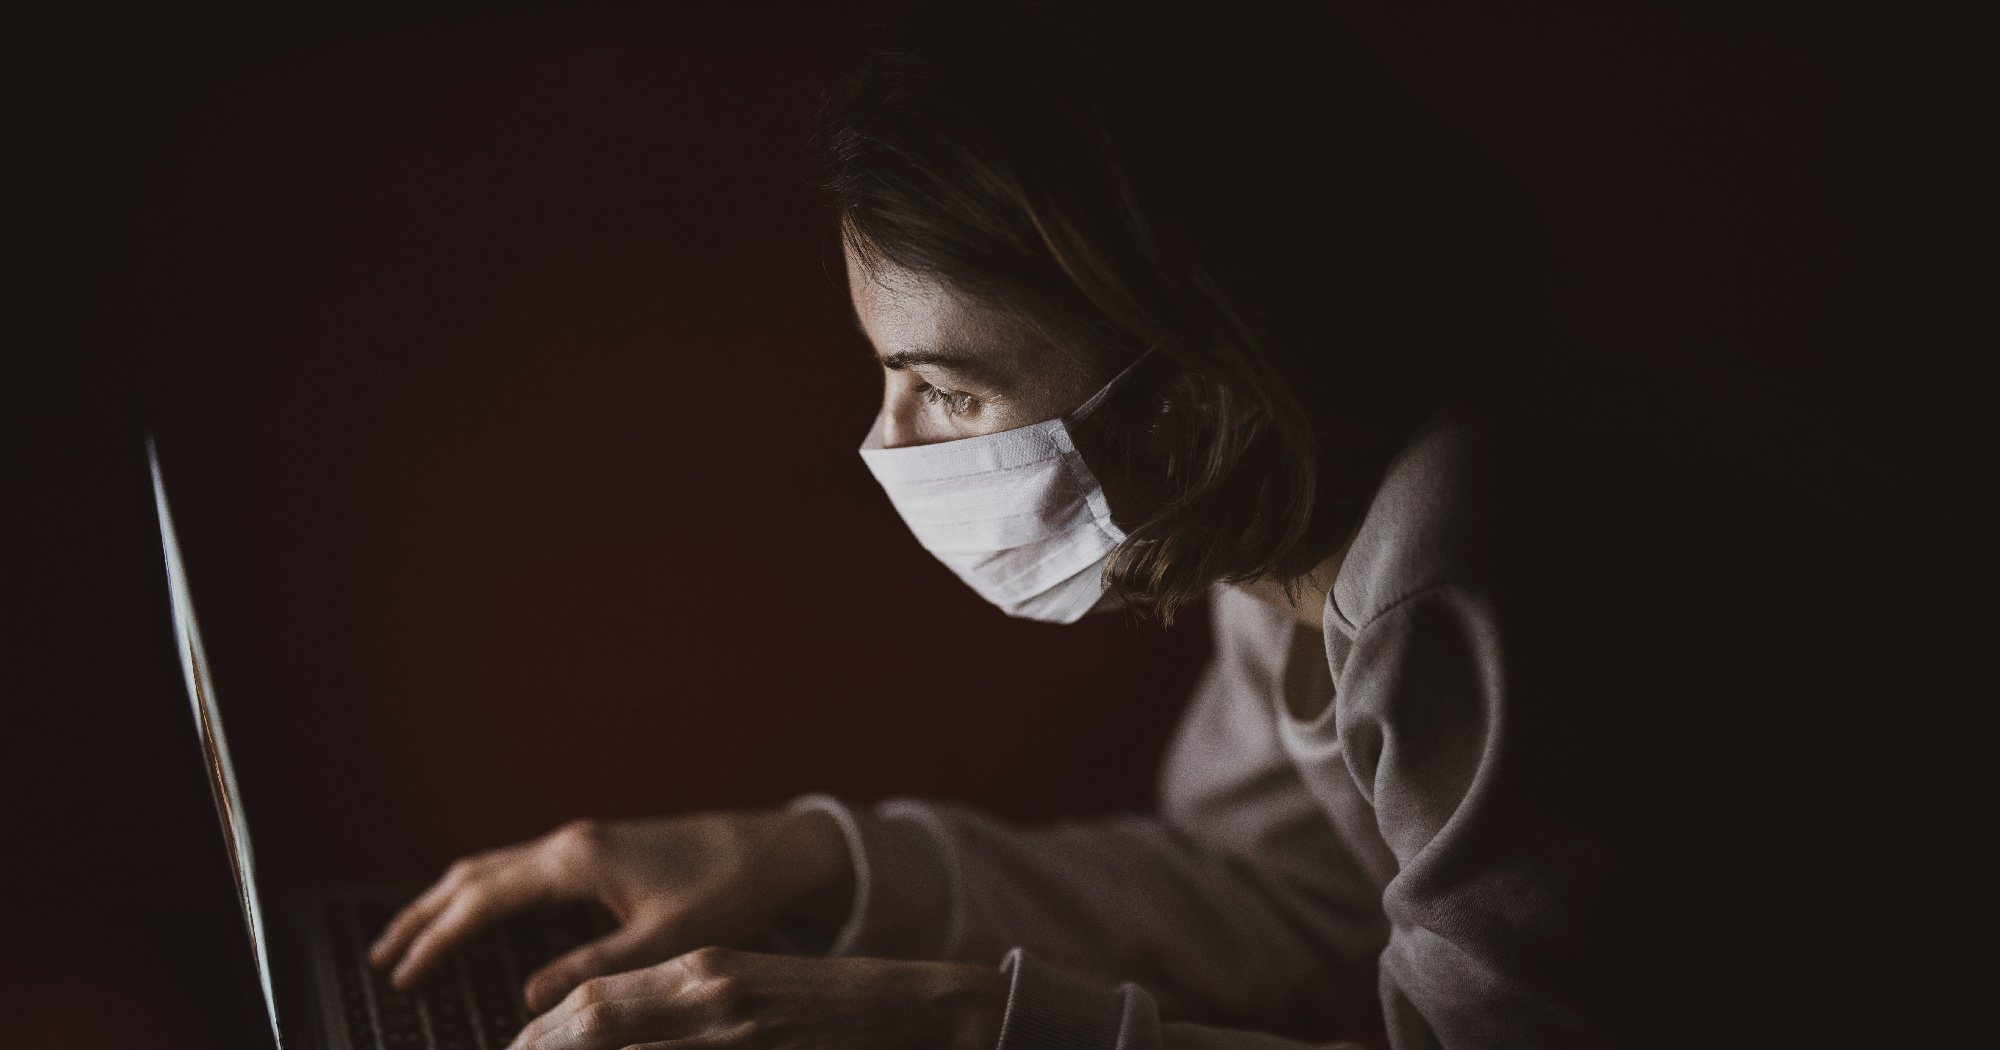 ベトナムでのコロナウイルスのリアルな状況を現地スタッフに聞いてみた その④ (4月23日版)